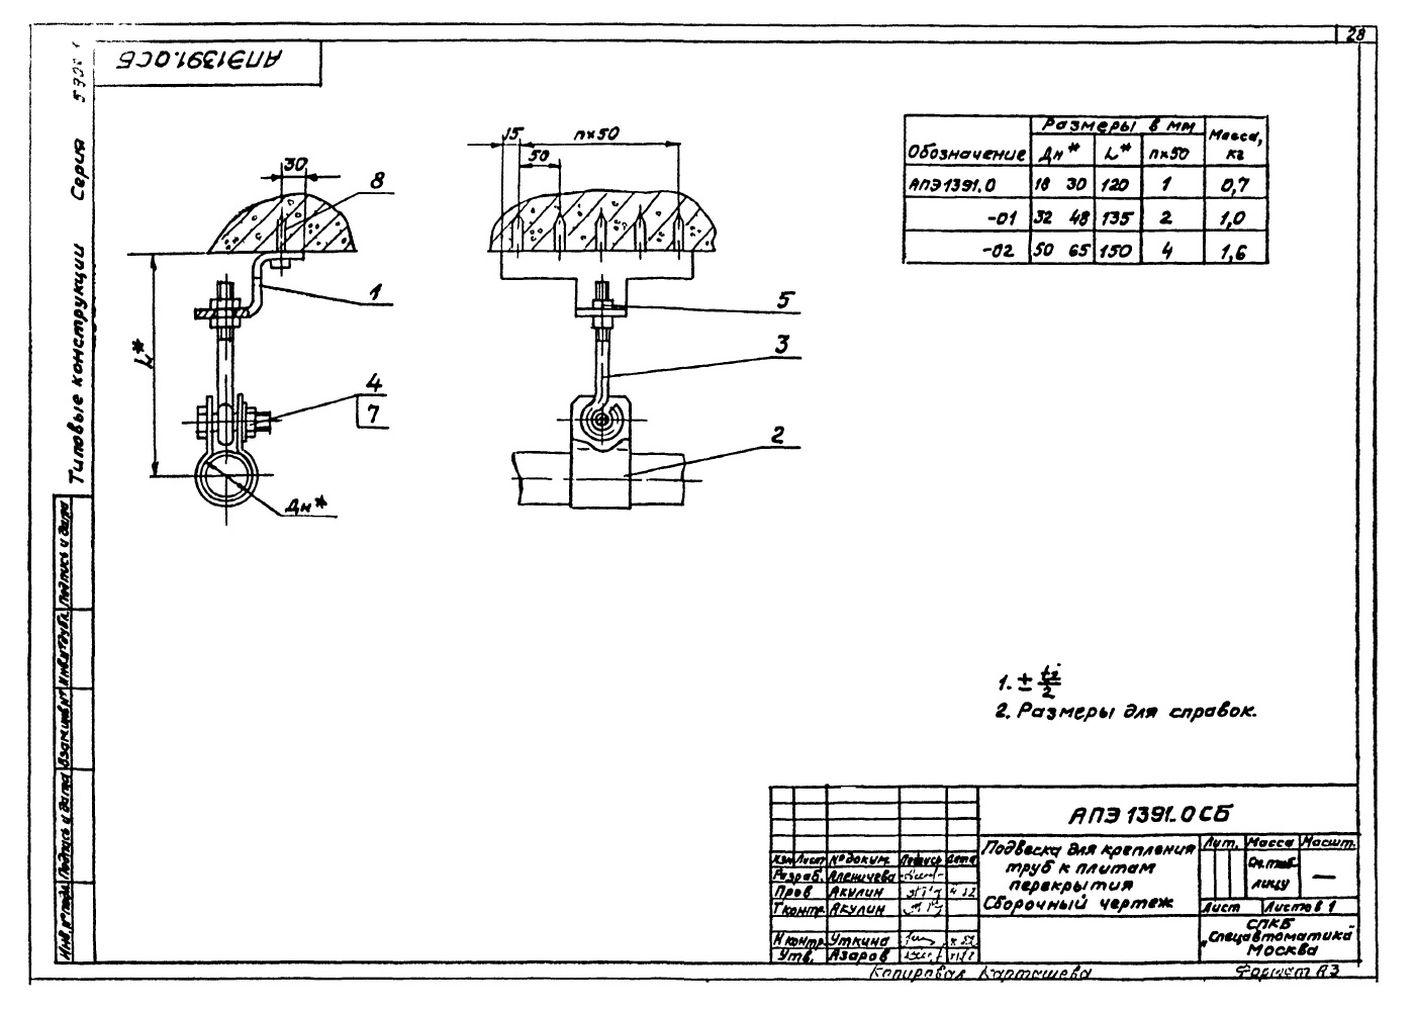 Подвеска для крепления труб к плитам перекрытия АПЭ 1391.0 серия 5.908-1 стр.1